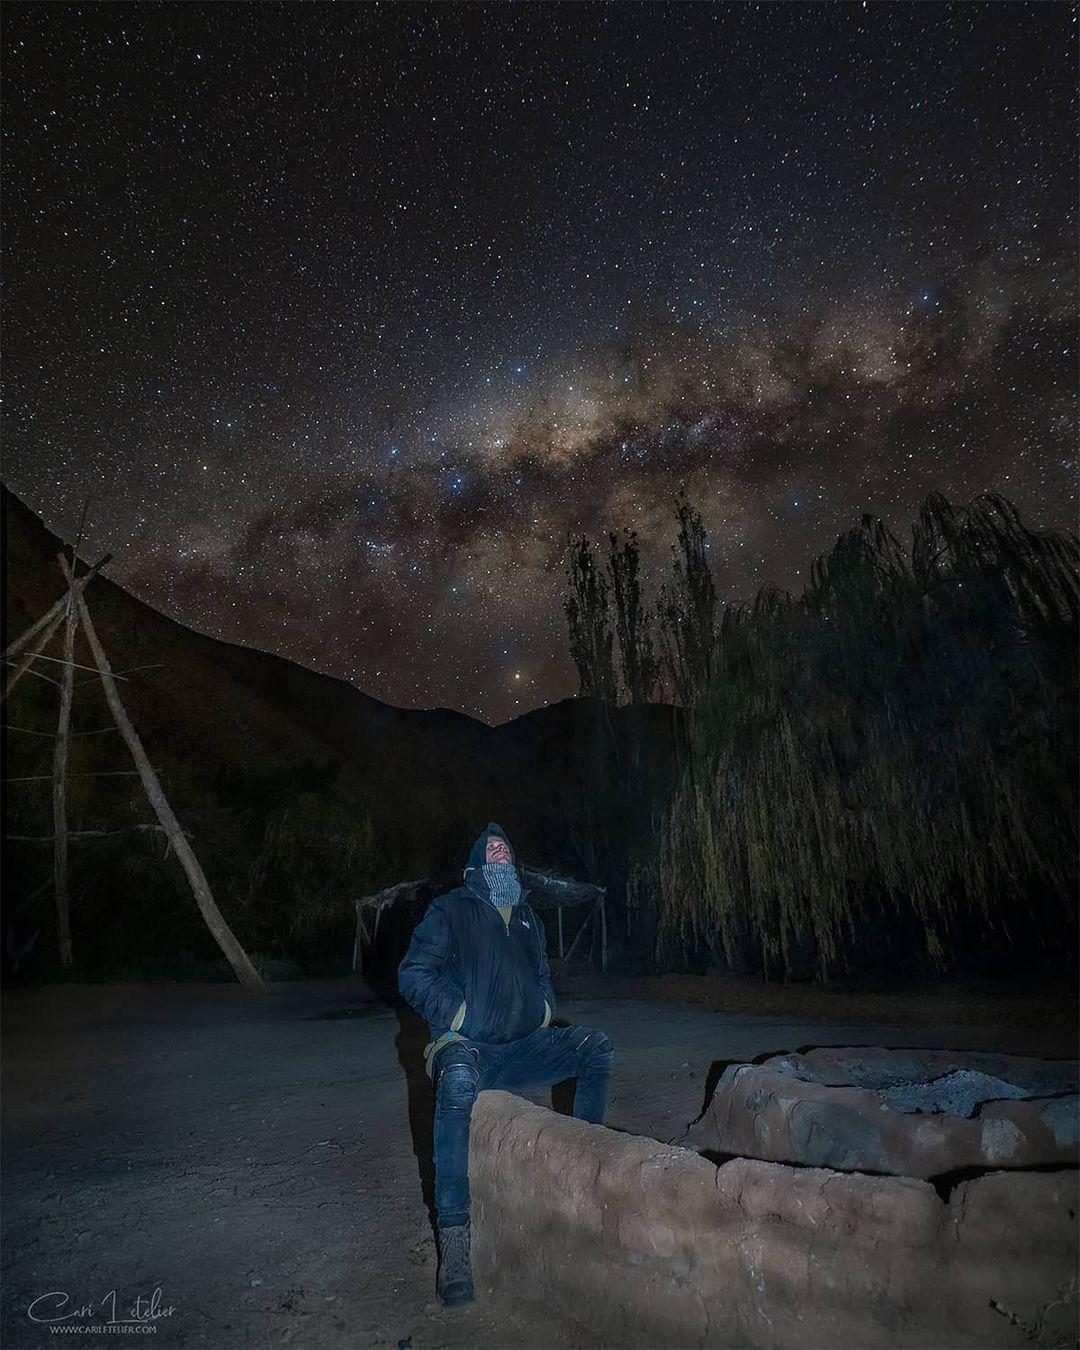 Man stargazing, Río Mágico campground, Cochiguaz.